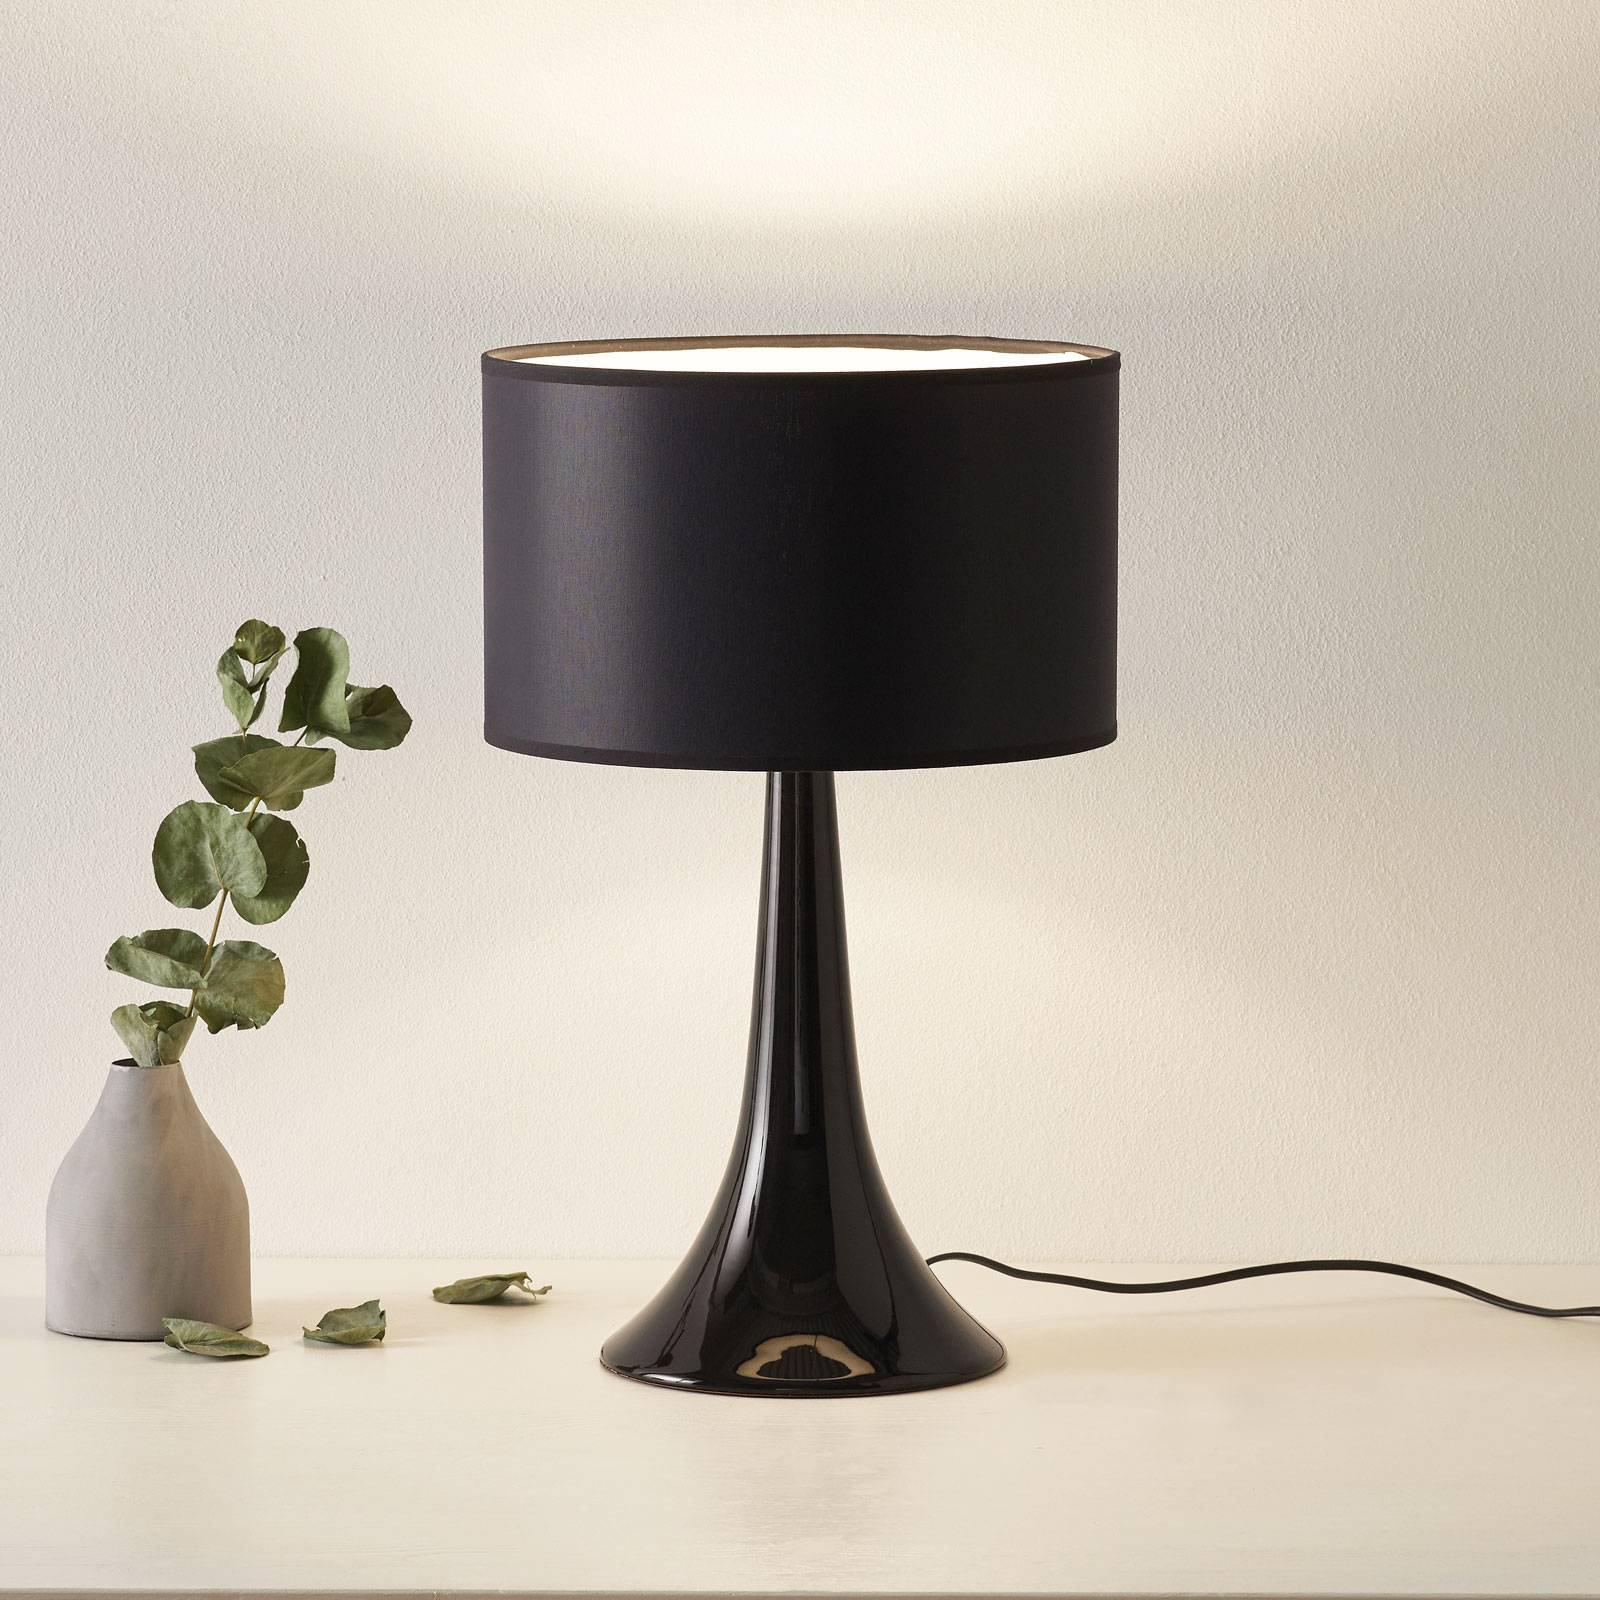 Tekstil-bordlampe L1810 med keramisk fot, svart